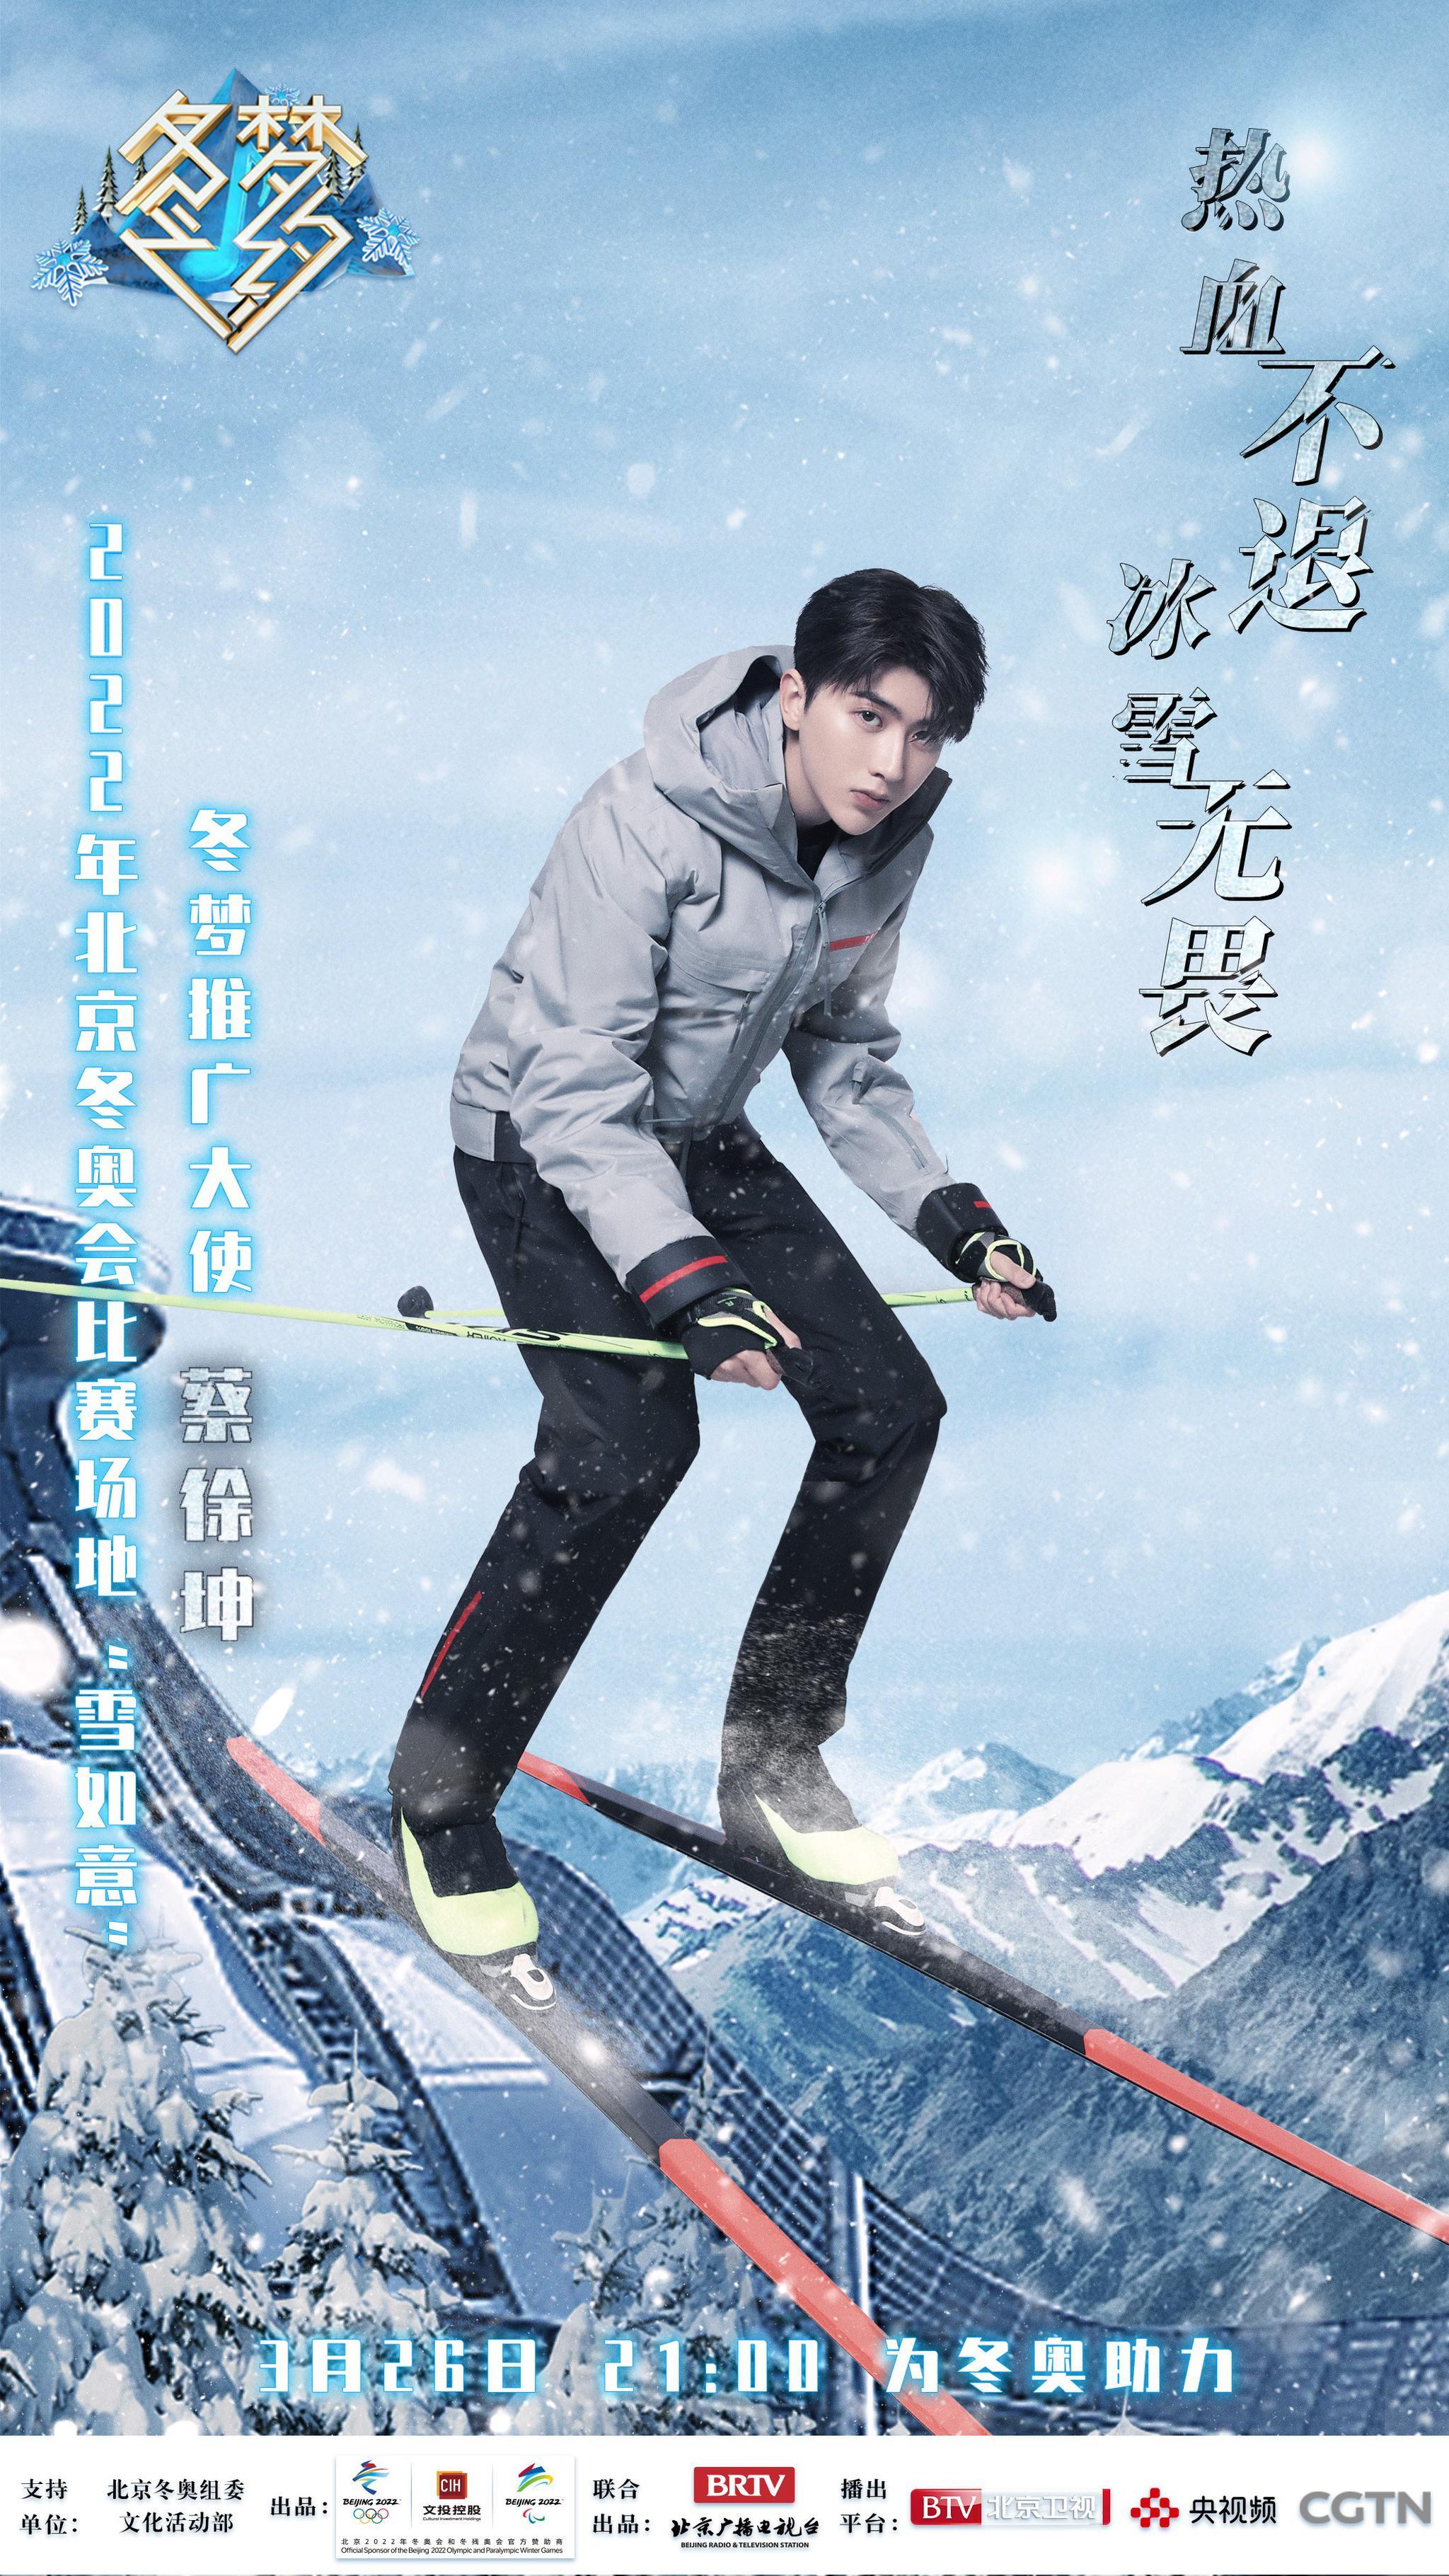 """探秘""""雪如意""""挑战越野滑雪助力冬奥"""